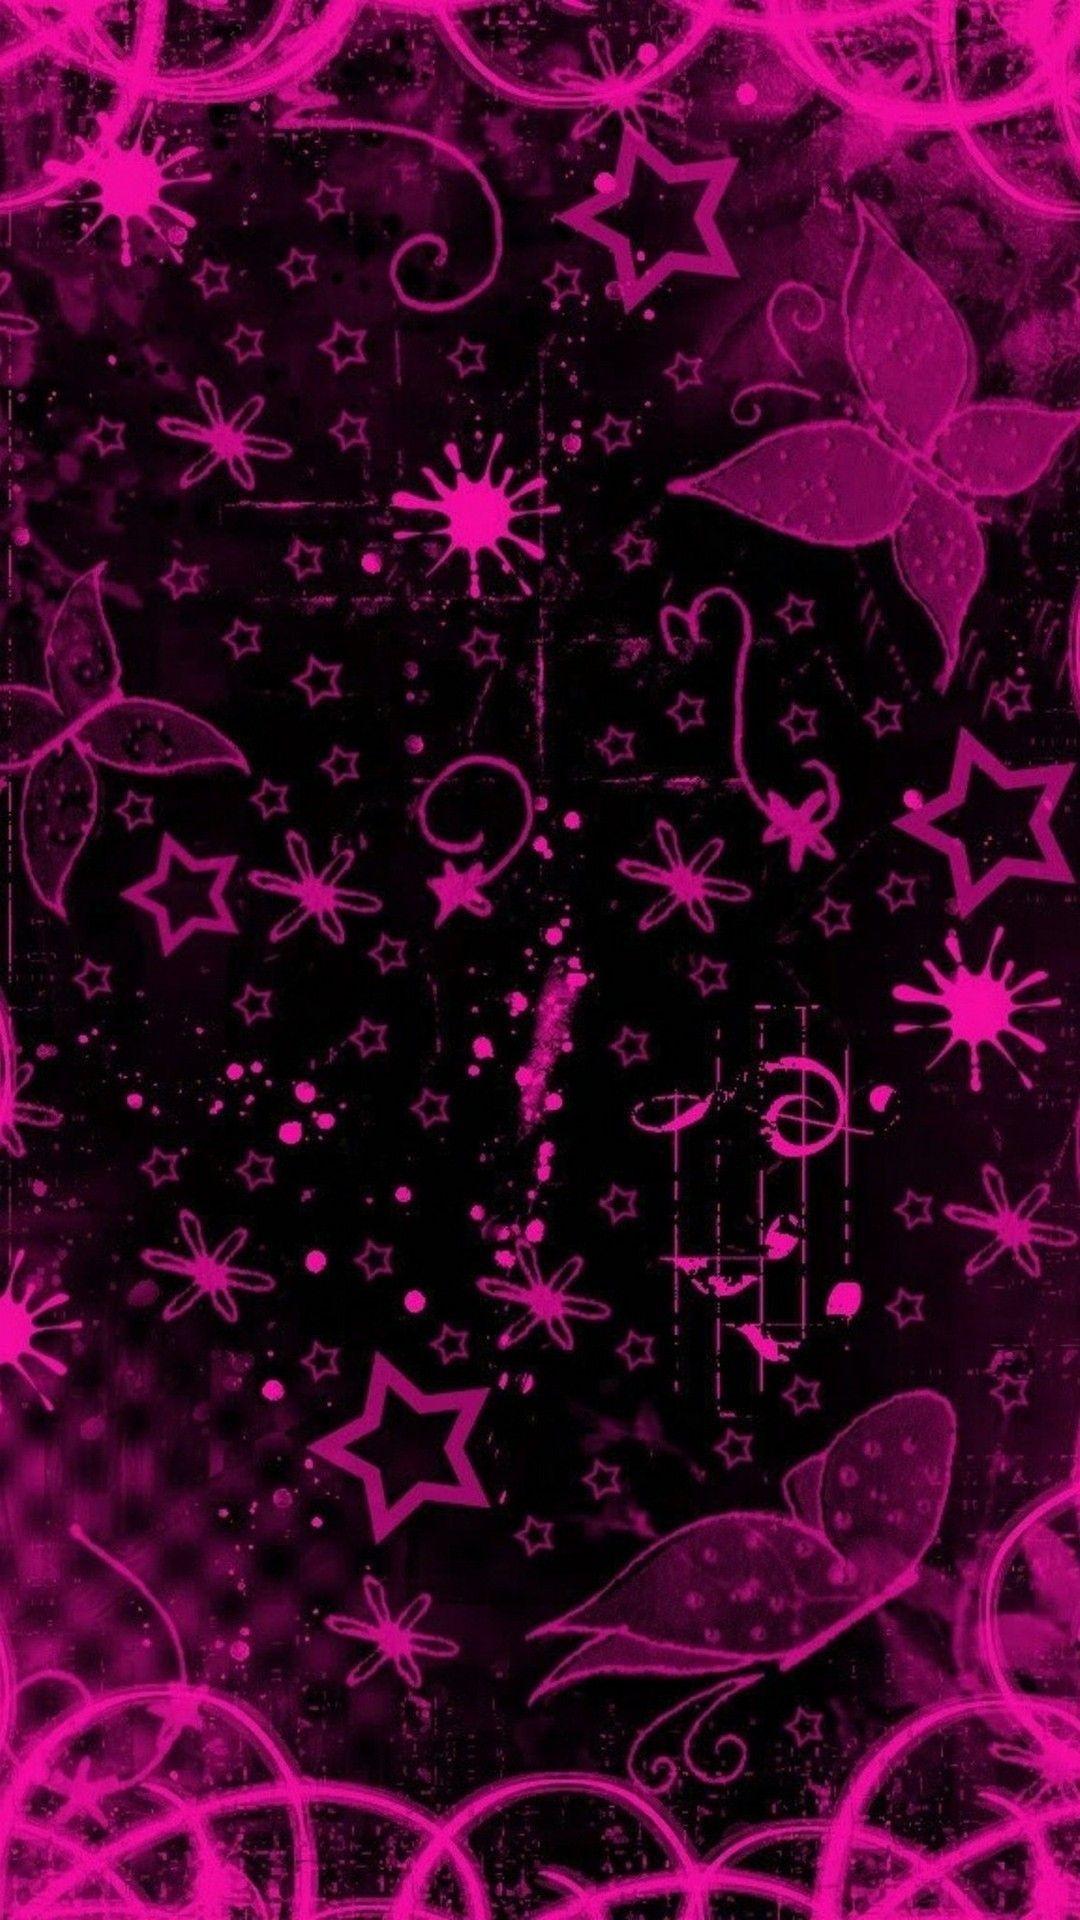 21+] Emo Backgrounds on WallpaperSafari